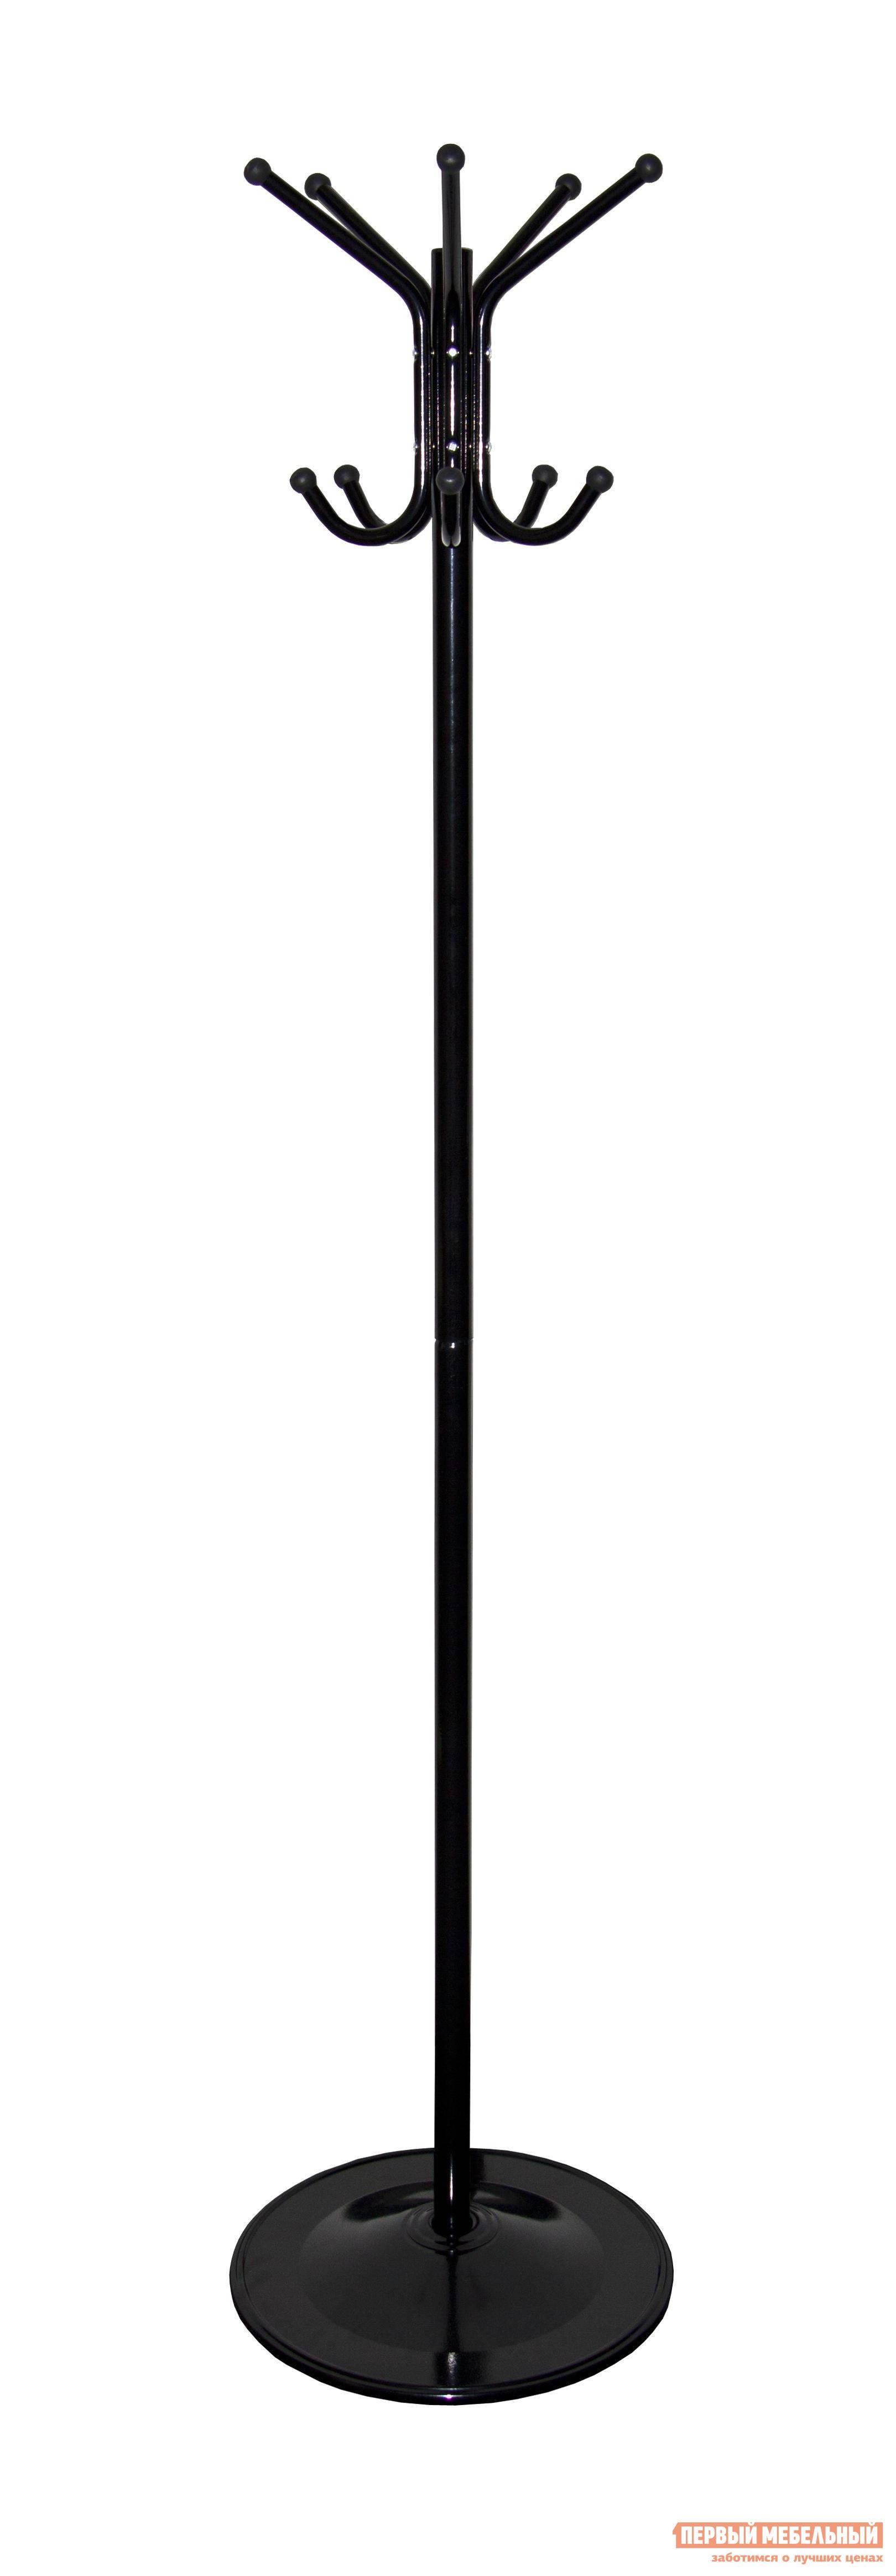 Напольная вешалка для одежды Бюрократ CR-001 бюрократ бюрократ cr 001 черная металлик